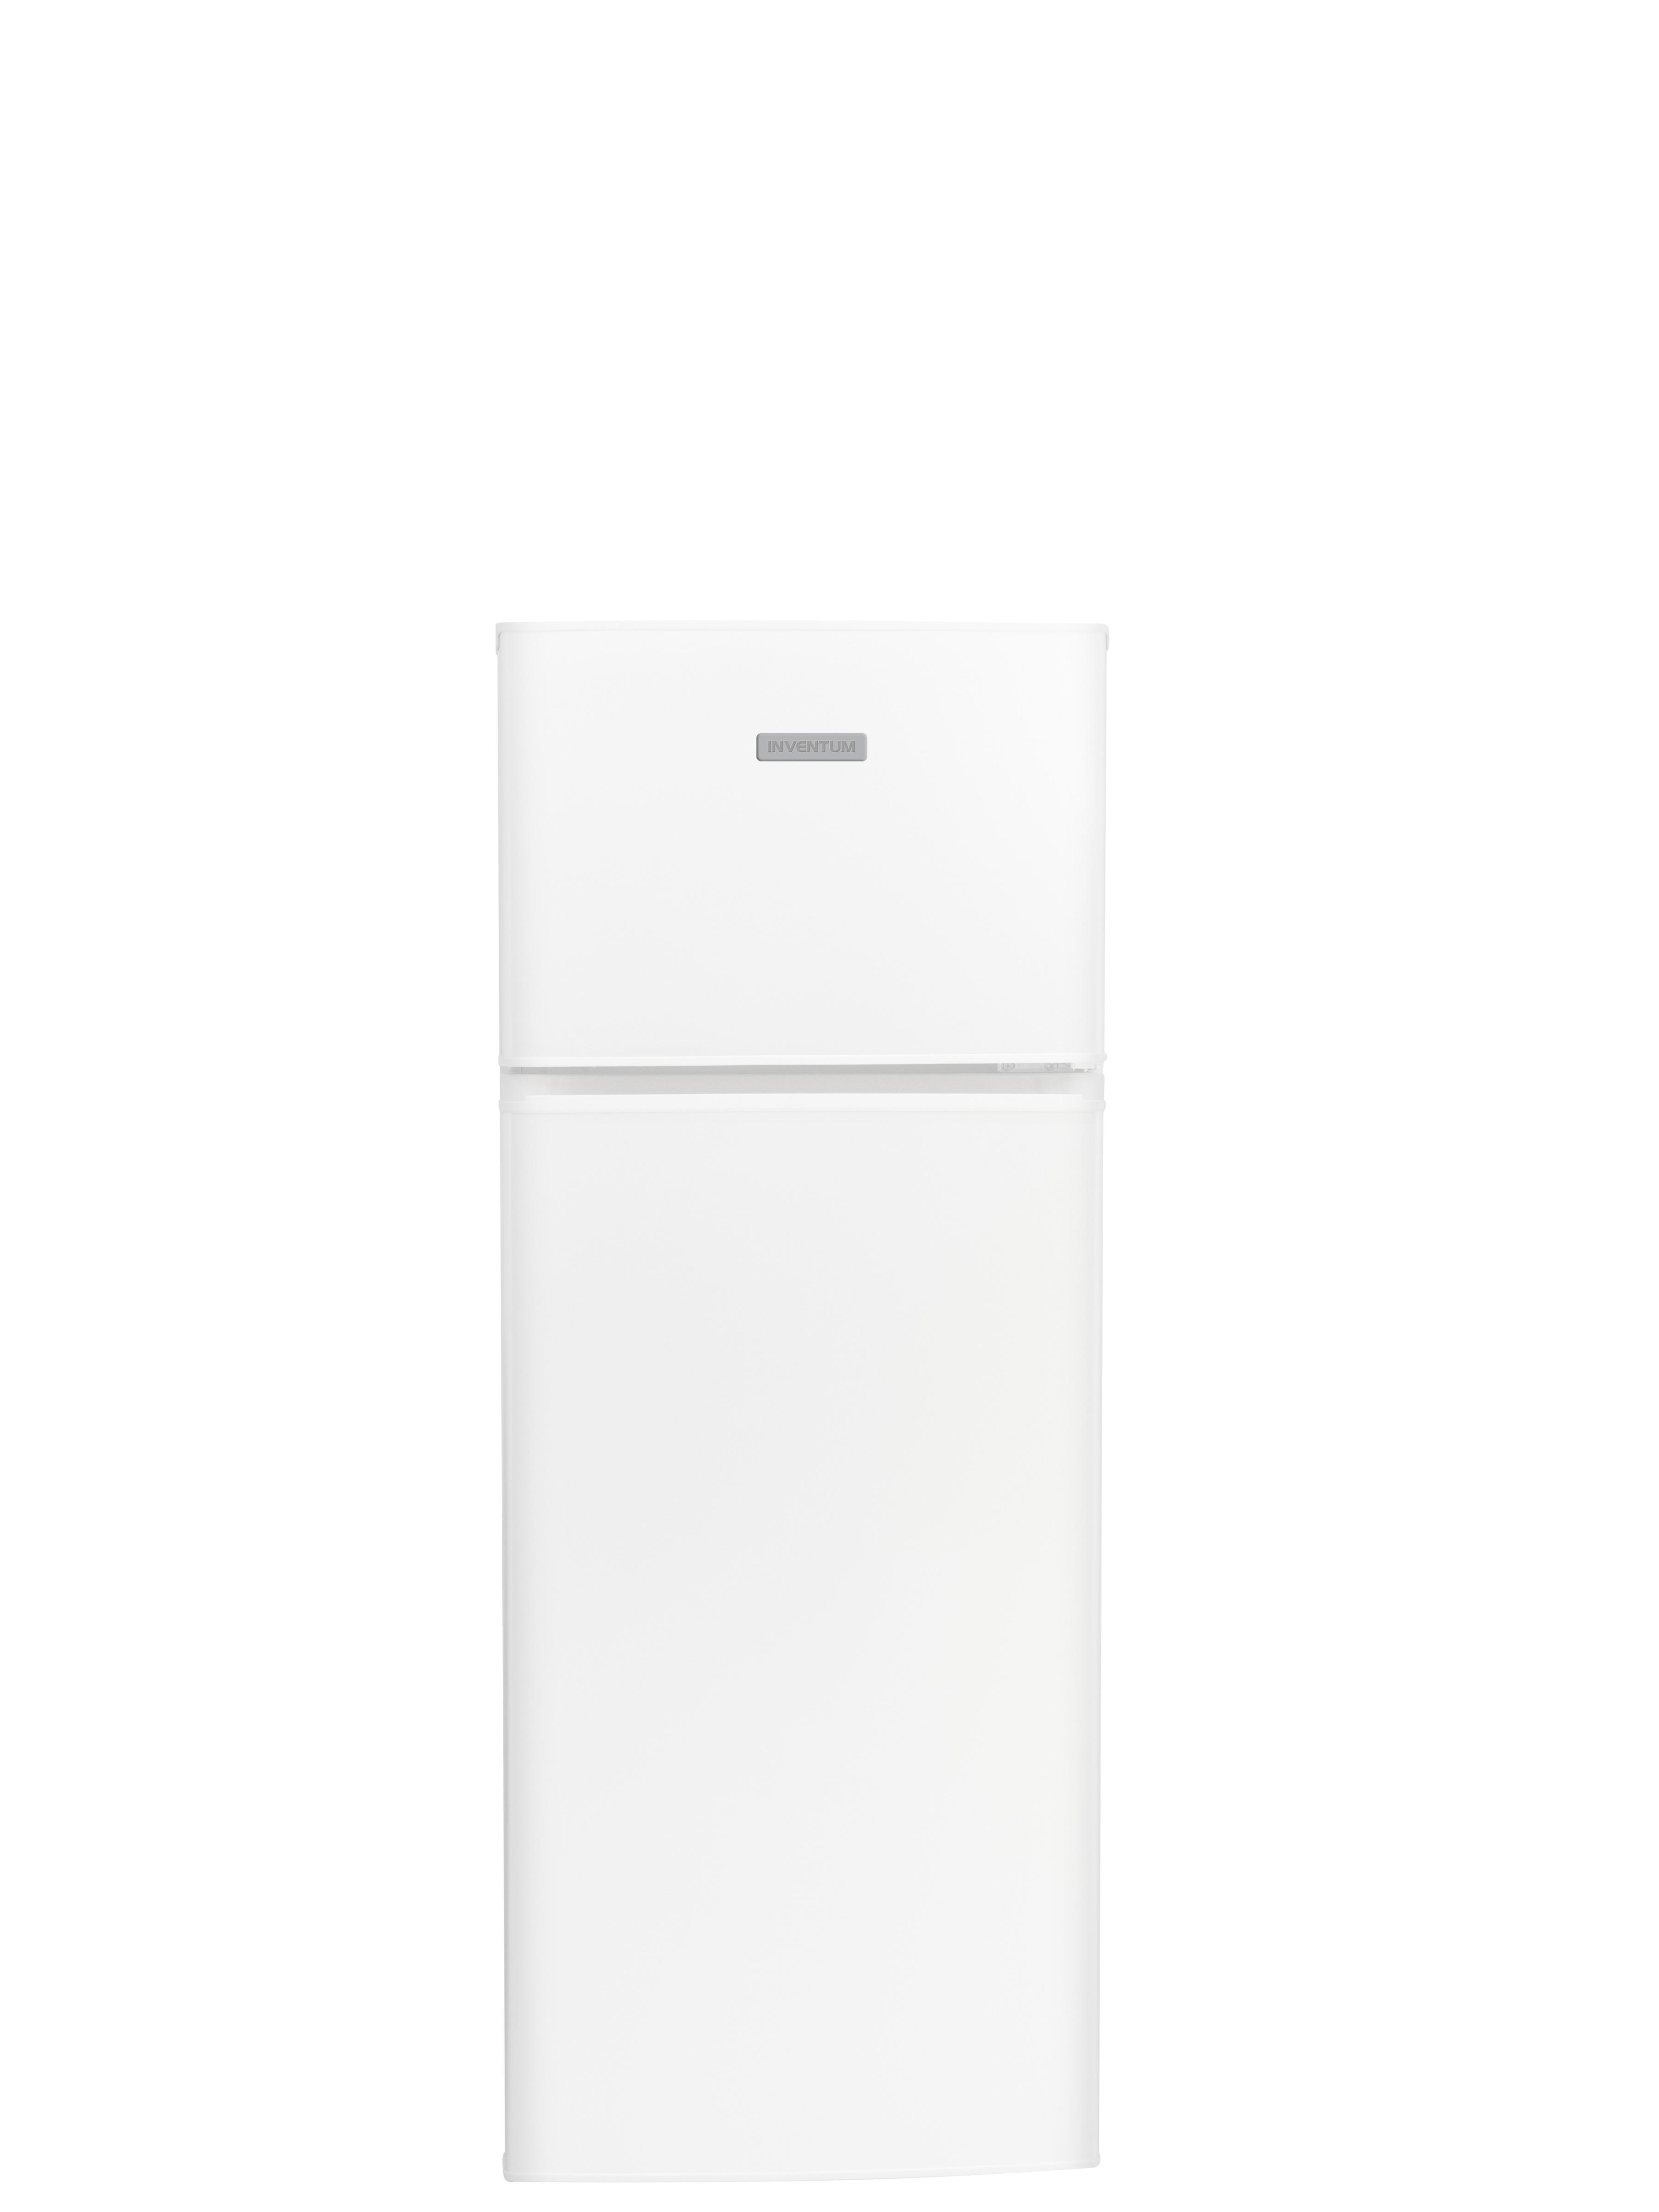 Korting Inventum KV1430 koelkast met vriesvak